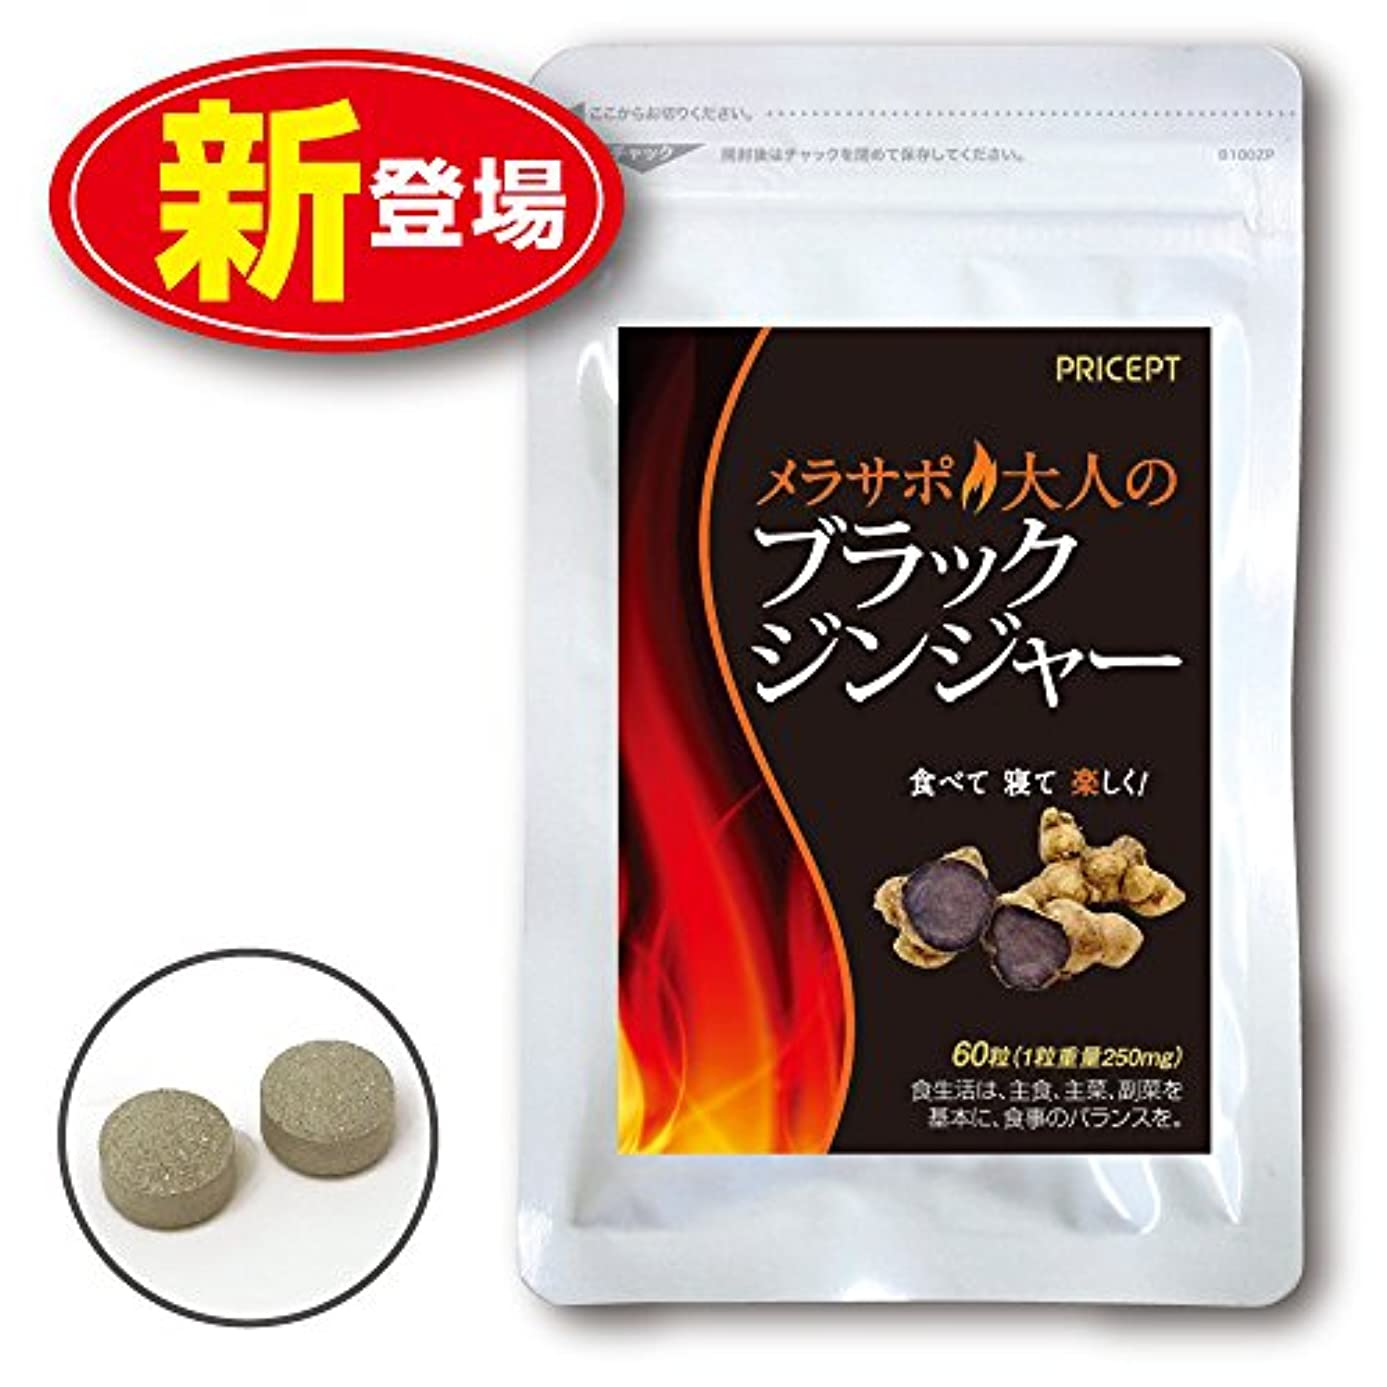 プリセプト メラサポ大人のブラックジンジャー 60粒 (ダイエットサプリメント?粒タイプ)